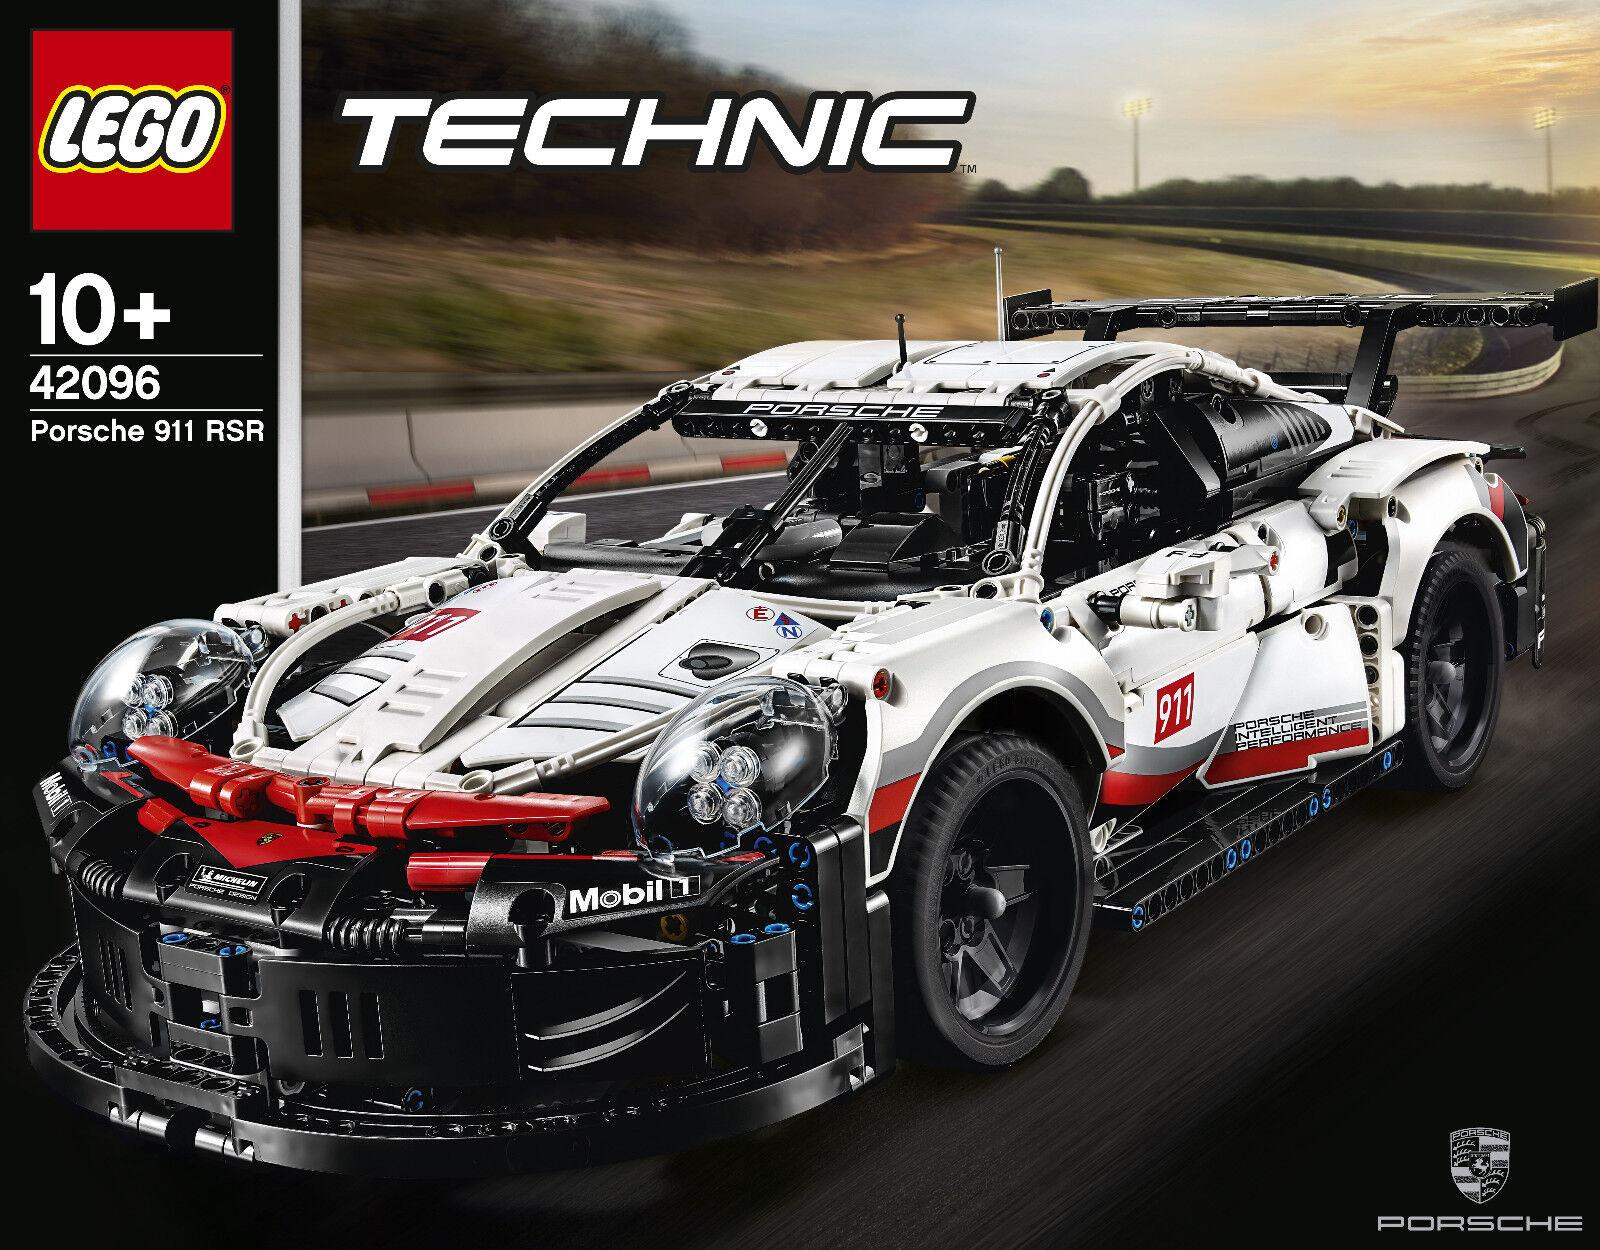 LEGO ® Technic  42096-PORSCHE 911 RSR, Nuovo Scatola Originale  al prezzo più basso